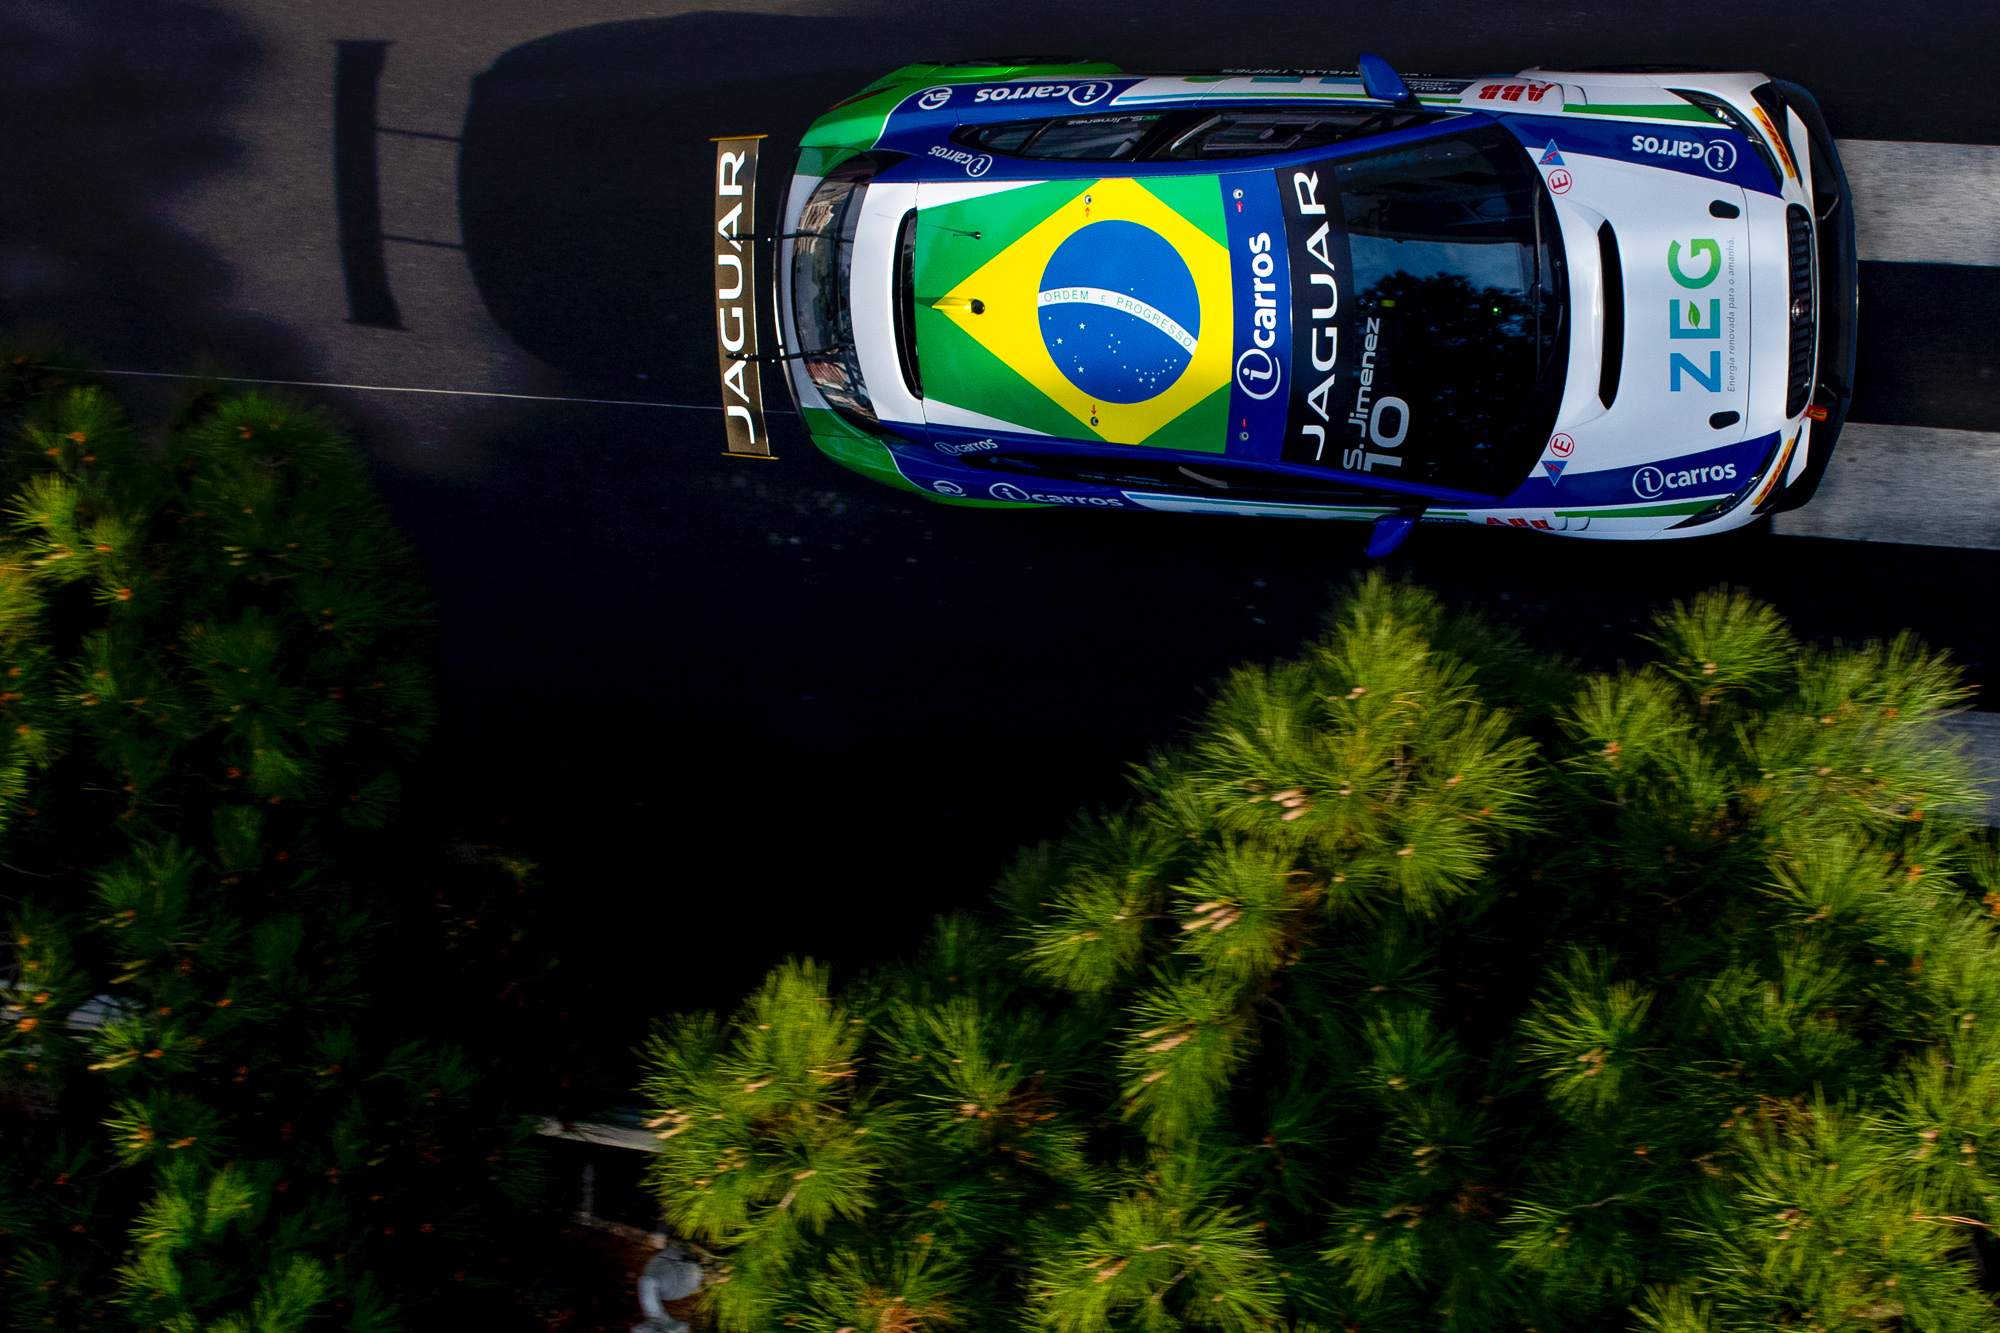 Jaguar_7.Monaco_josemariodias_02038